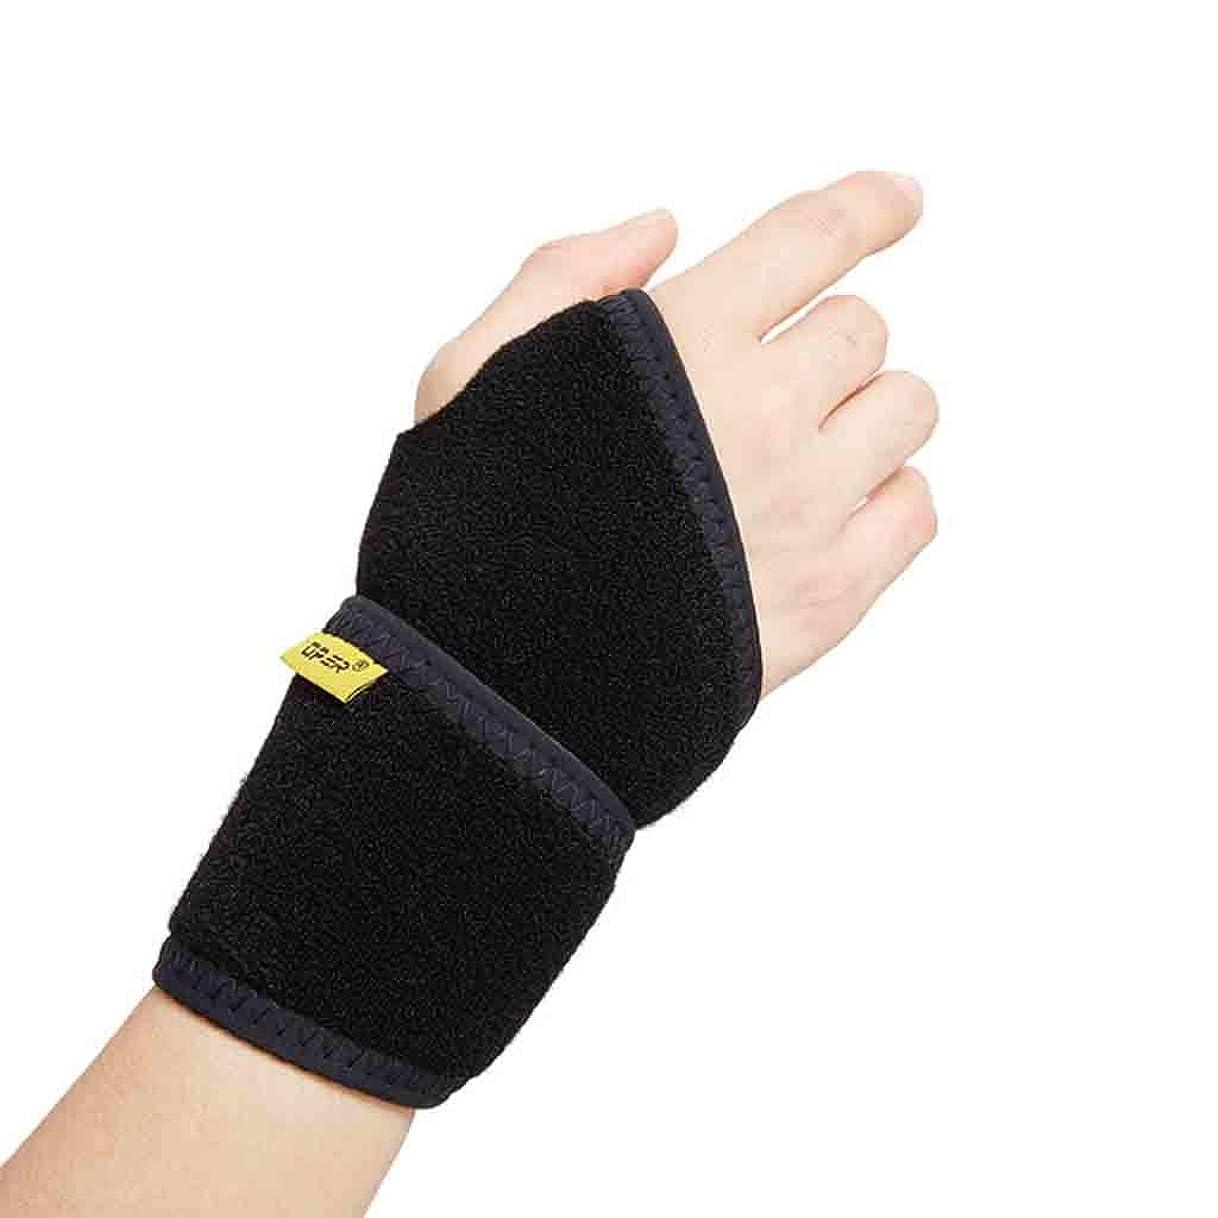 残るバトル予算関節炎のためのThumbのスプリントは右手の手首サポート左手手根サポートを手根管トンネルの痛みを軽減するための男性と女性をトリガー Roscloud@